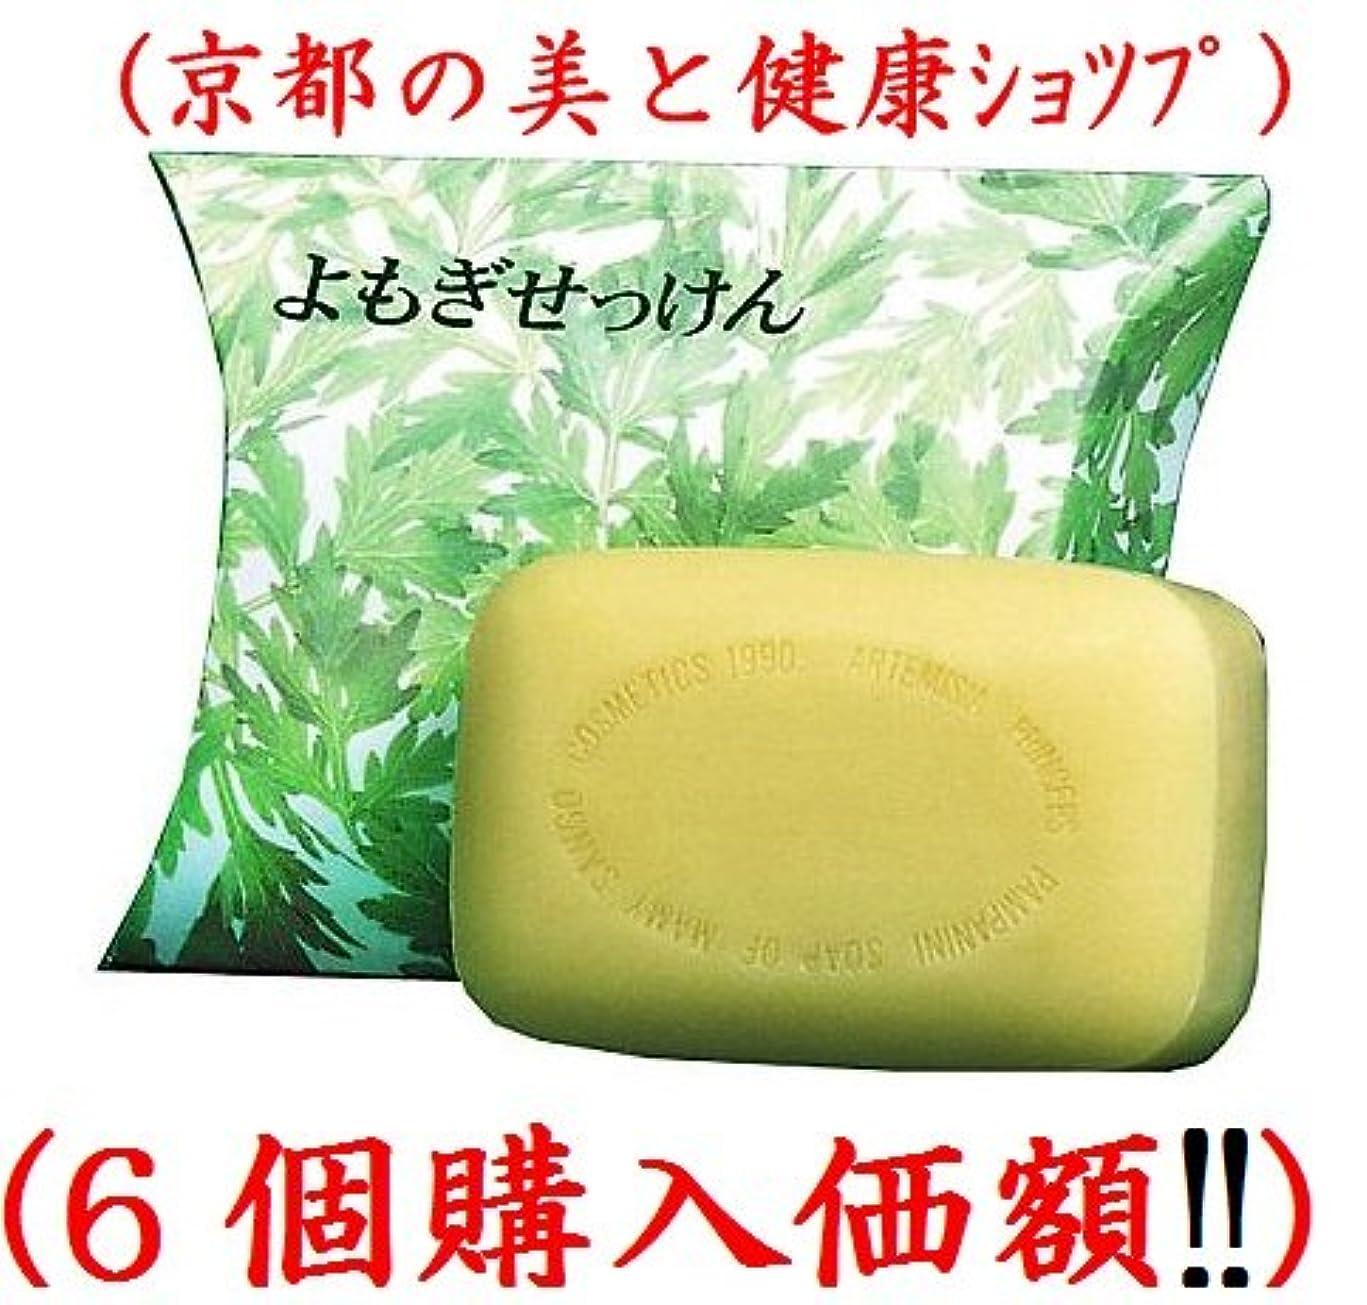 けがをする意外十一マミーサンゴソープAよもぎ石鹸95g(6個購入価額)